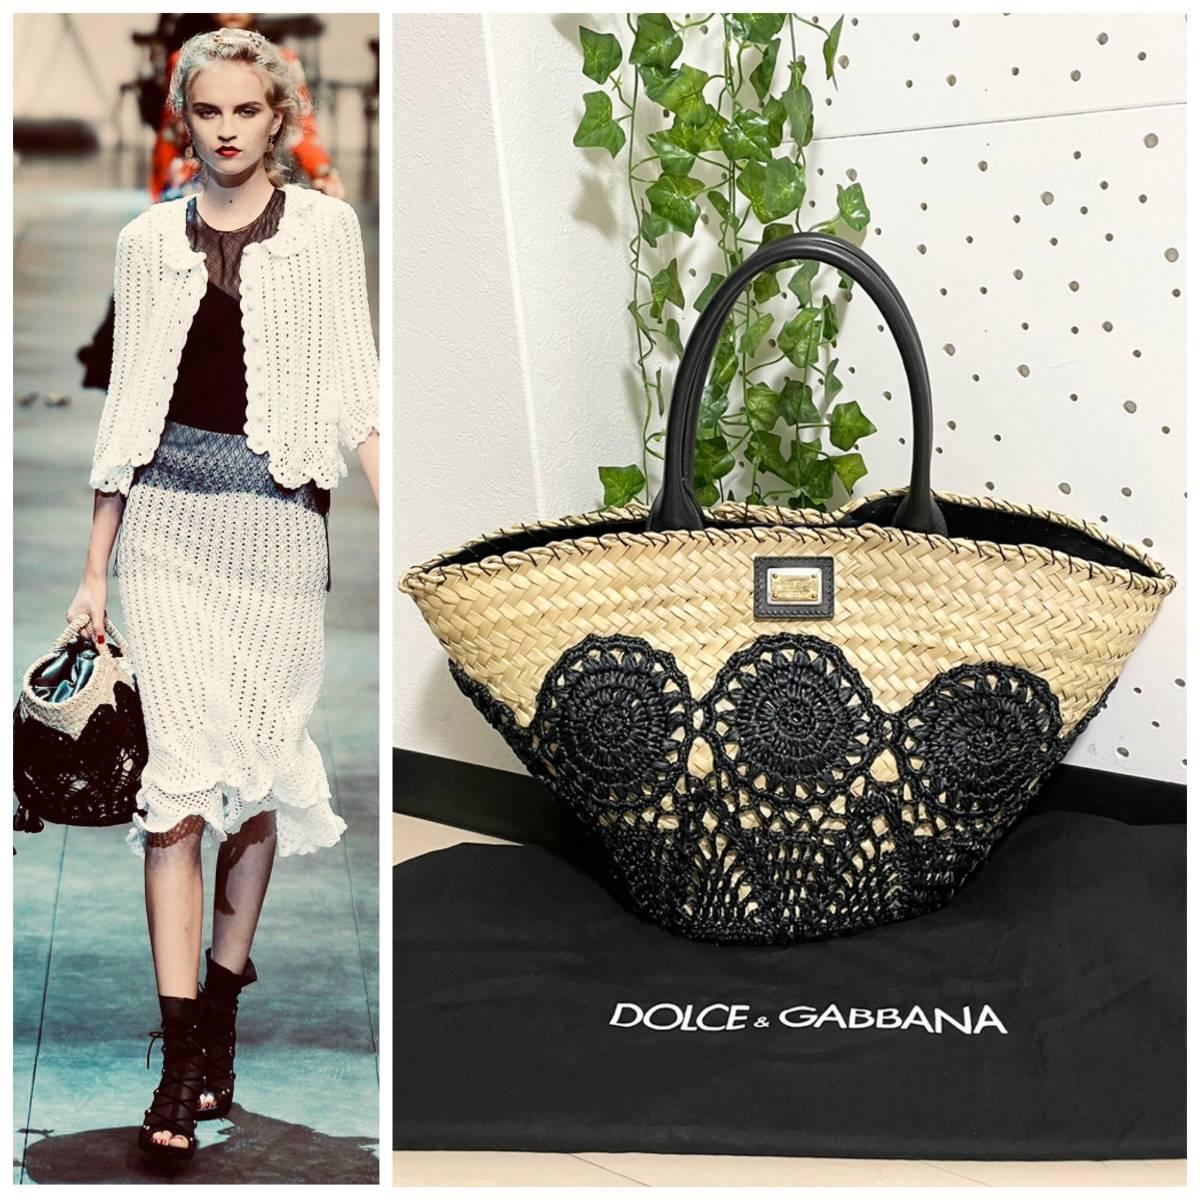 نموذج المجموعة الأصلية Dolce & Gabbana مع لوحة من الجلد للتبديل مع حقيبة من القش حقيبة سلة حقيبة يد DOLCE & GABBANA و & & Dolce & Gabbana & bag ، حقيبة